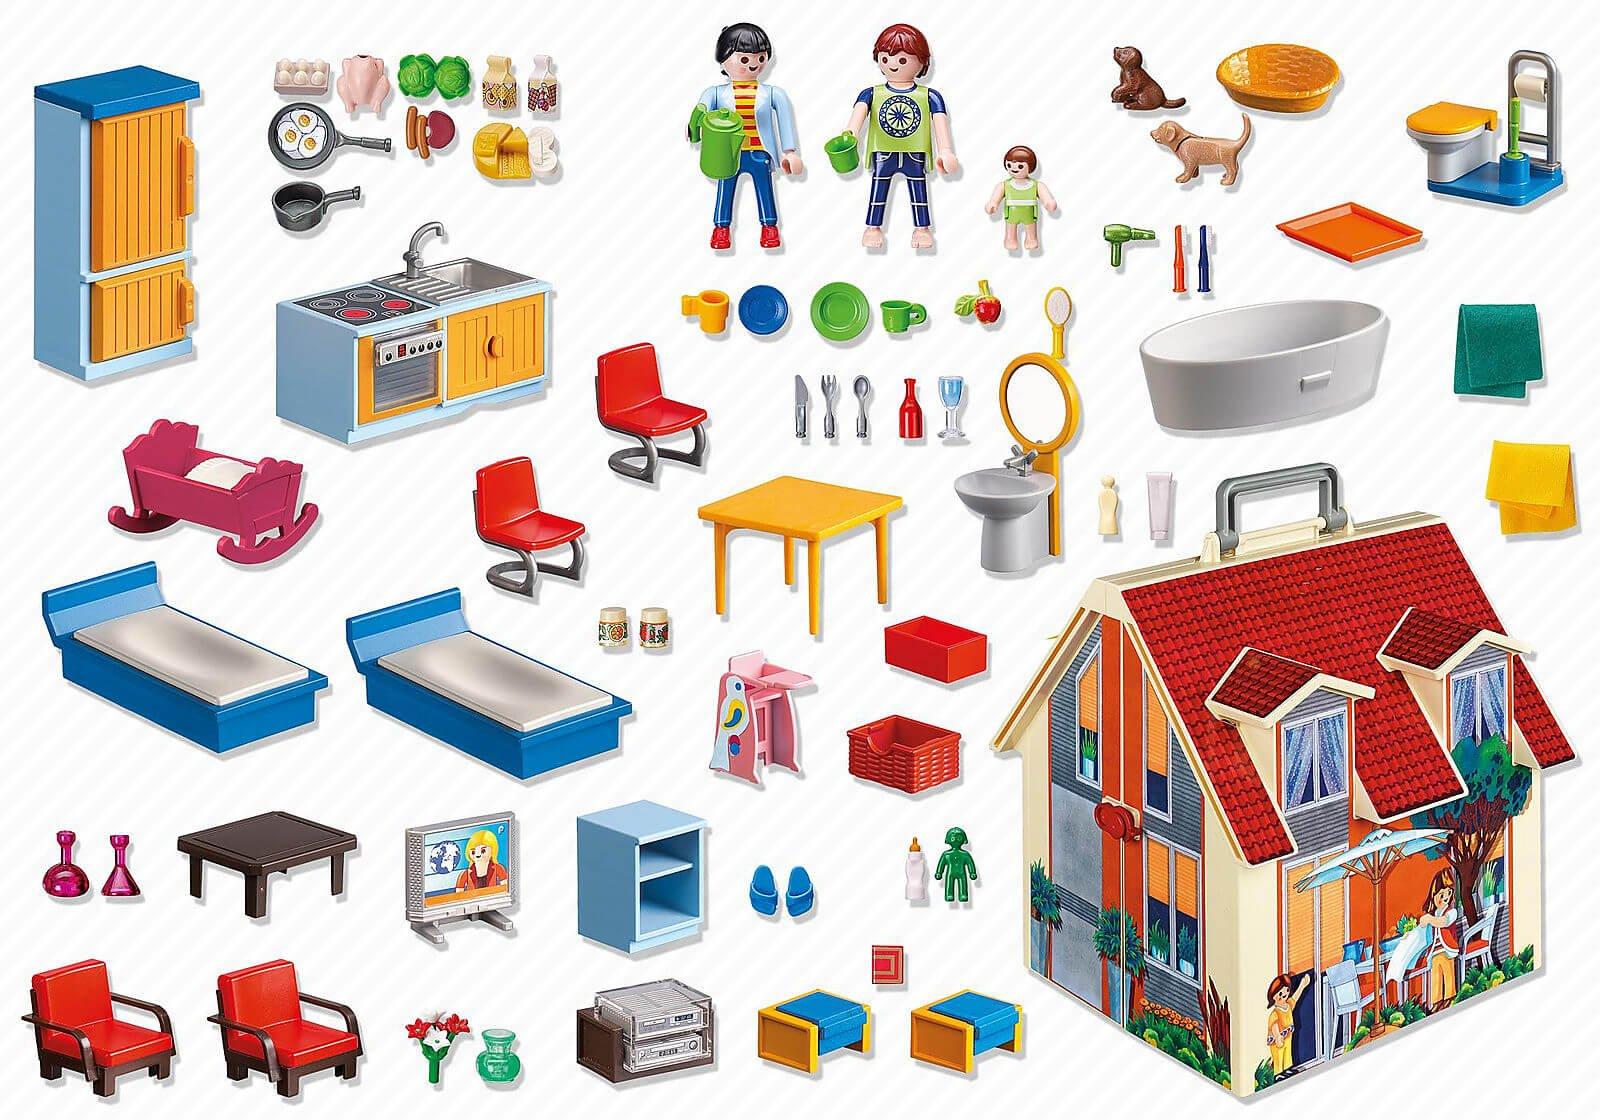 Playmobil Dollhouse - Mädchen Puppenhaus zum Mitnehmen